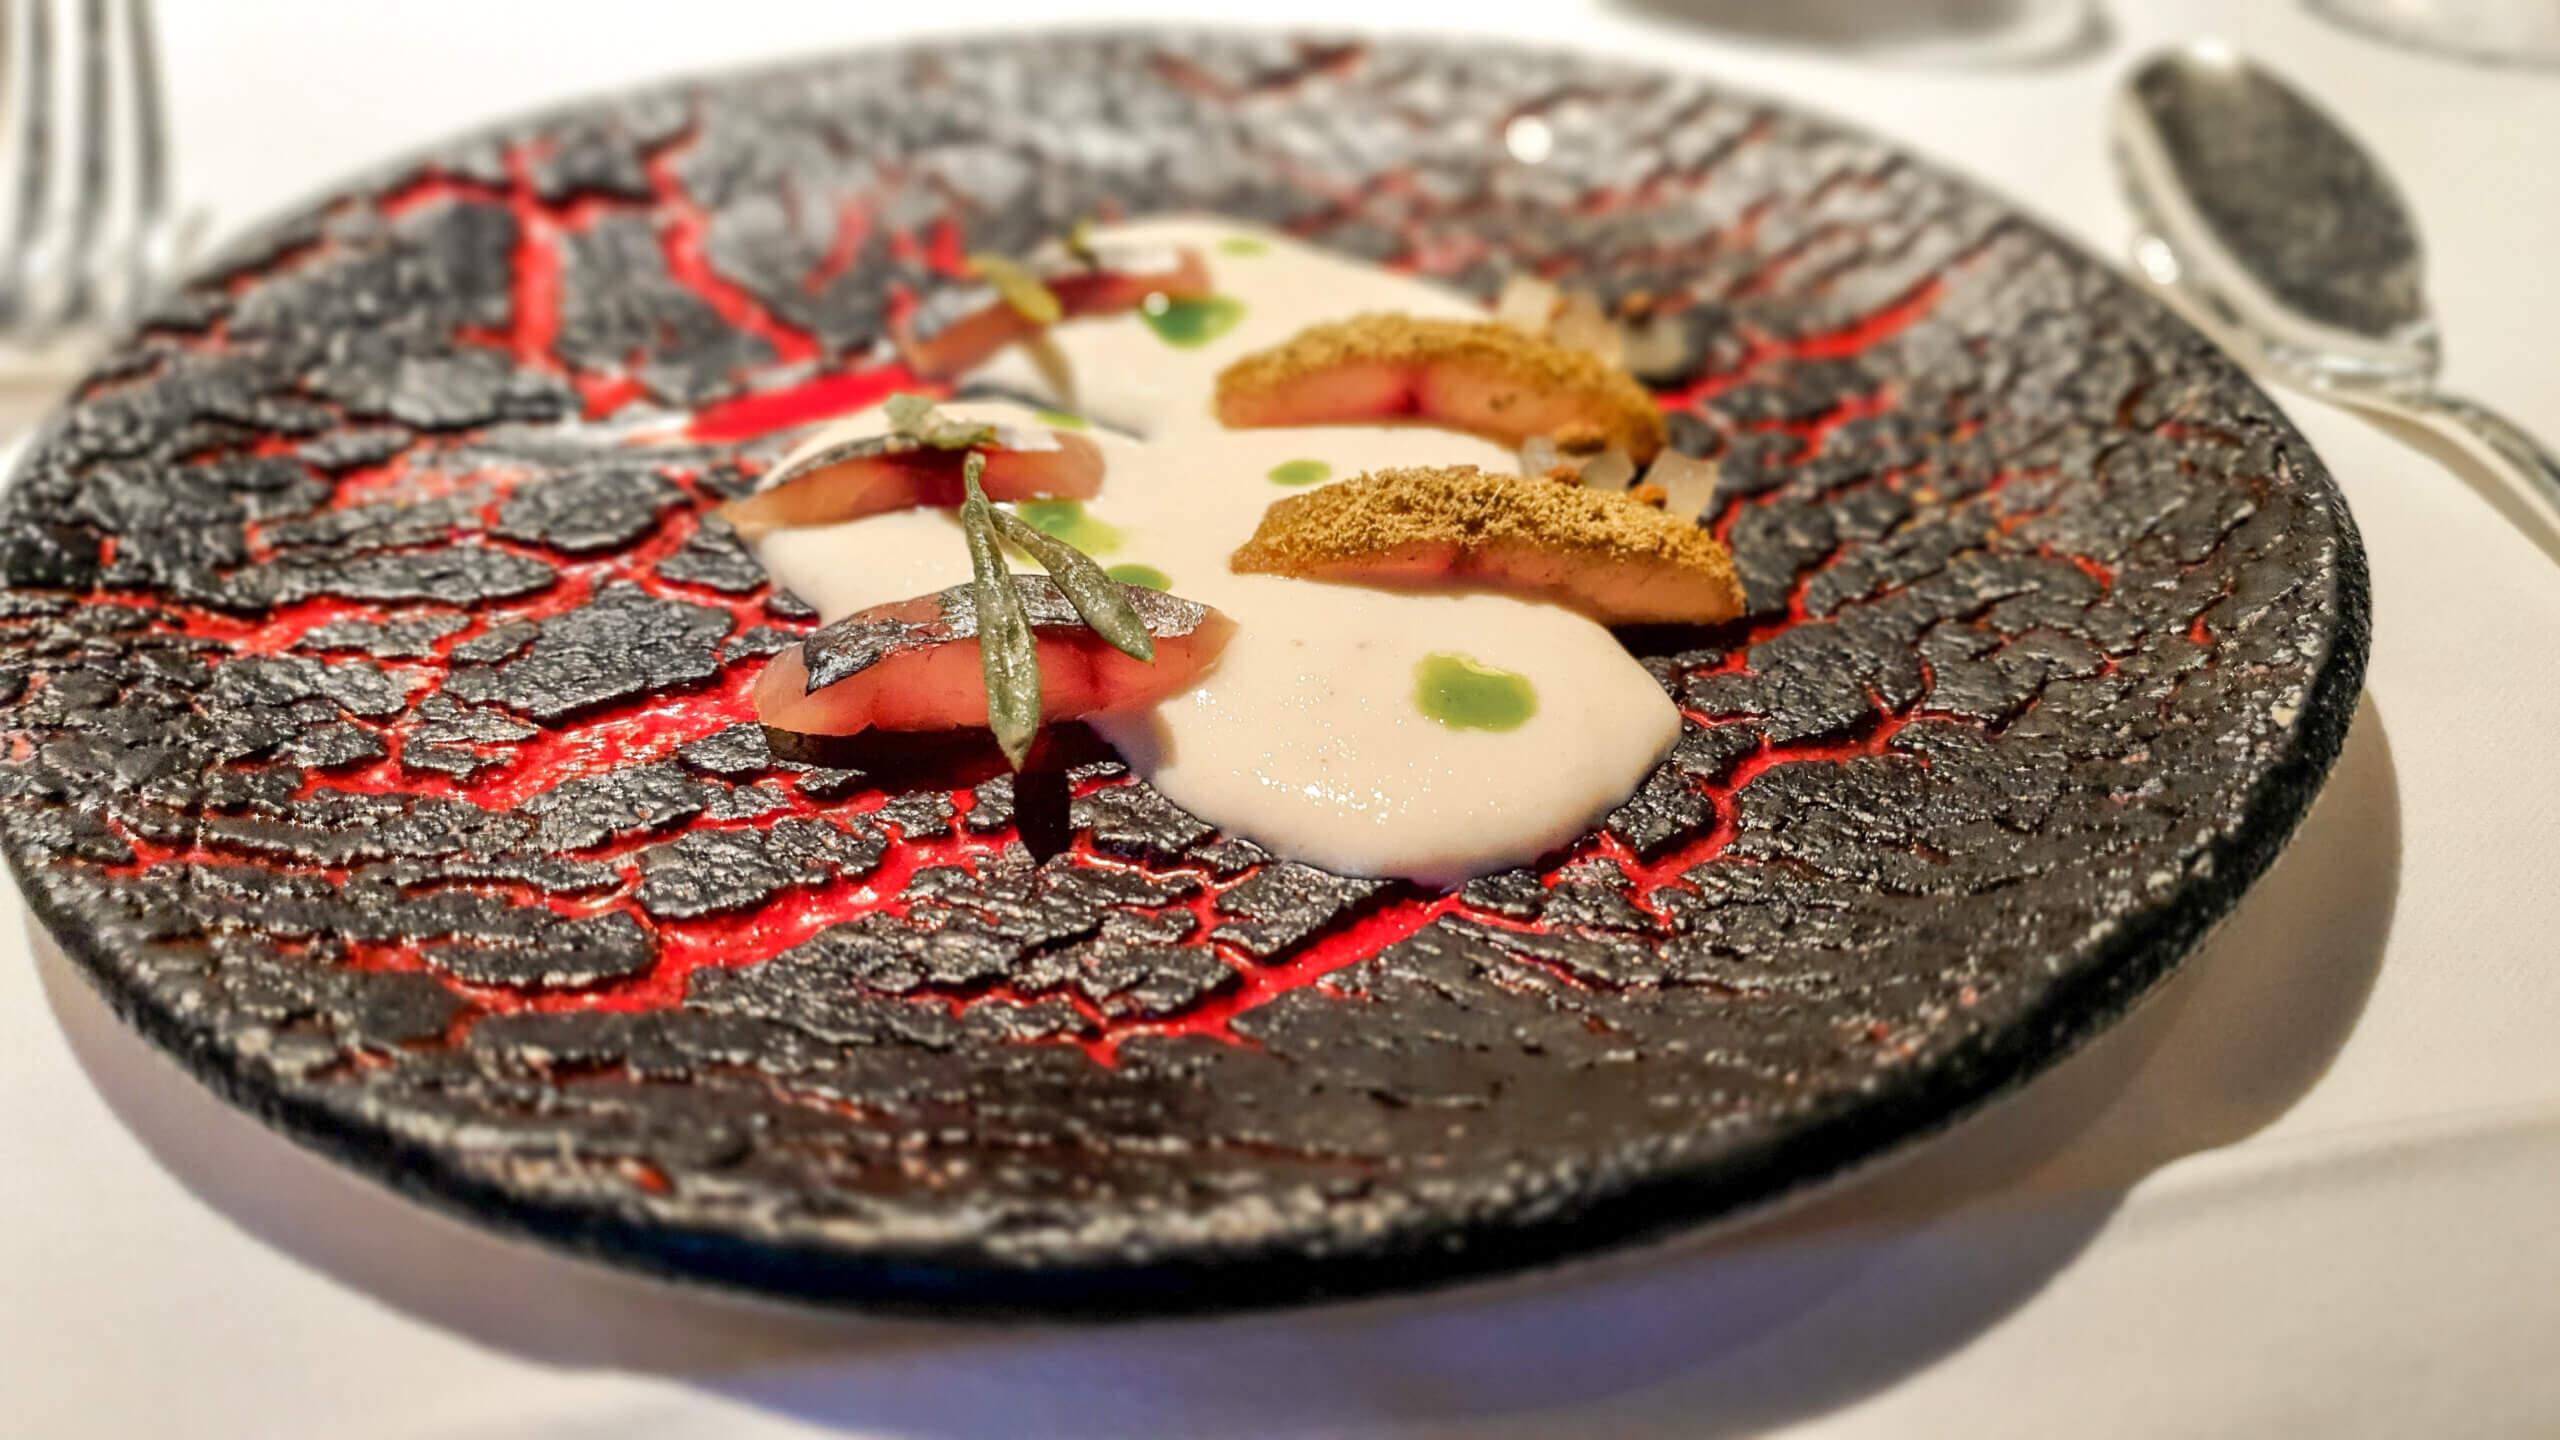 Makrele mit Fenchel und kandierten Koriandersamen in verschiedenen Variationen im 3-Sterne Restaurant Arzak in San Sebastián